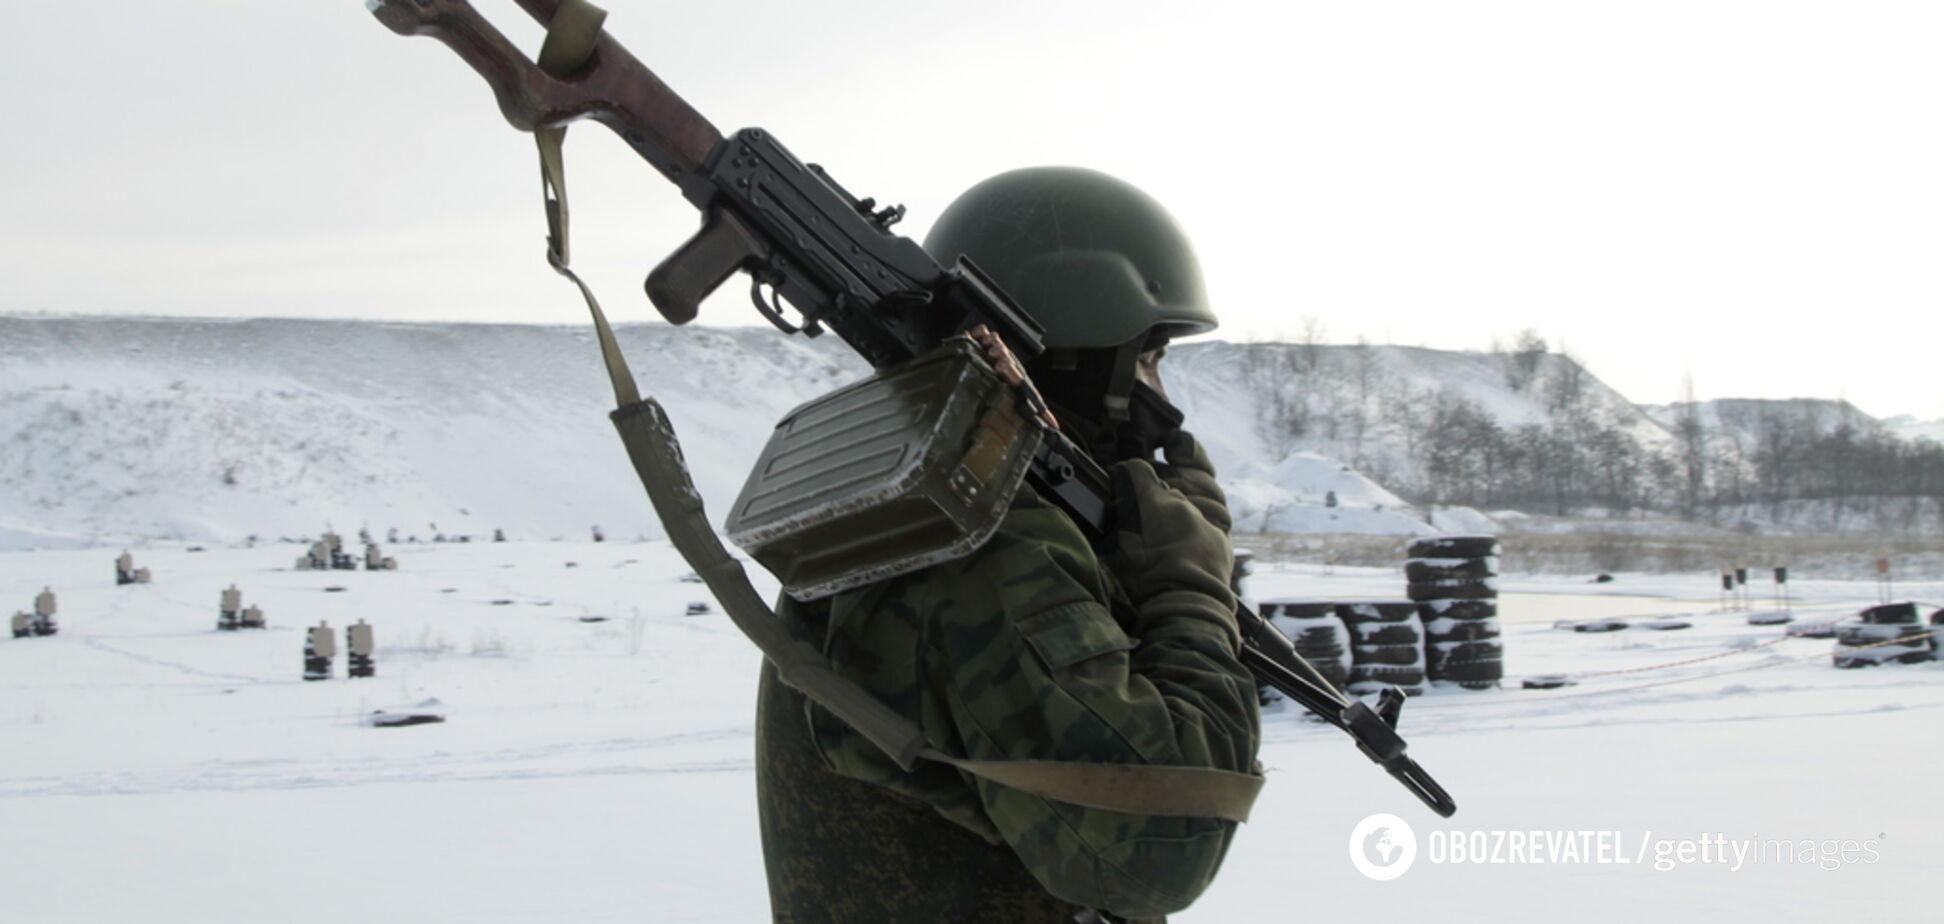 Билися до останнього: опубліковано фото бійців ООС, які загинули у січні